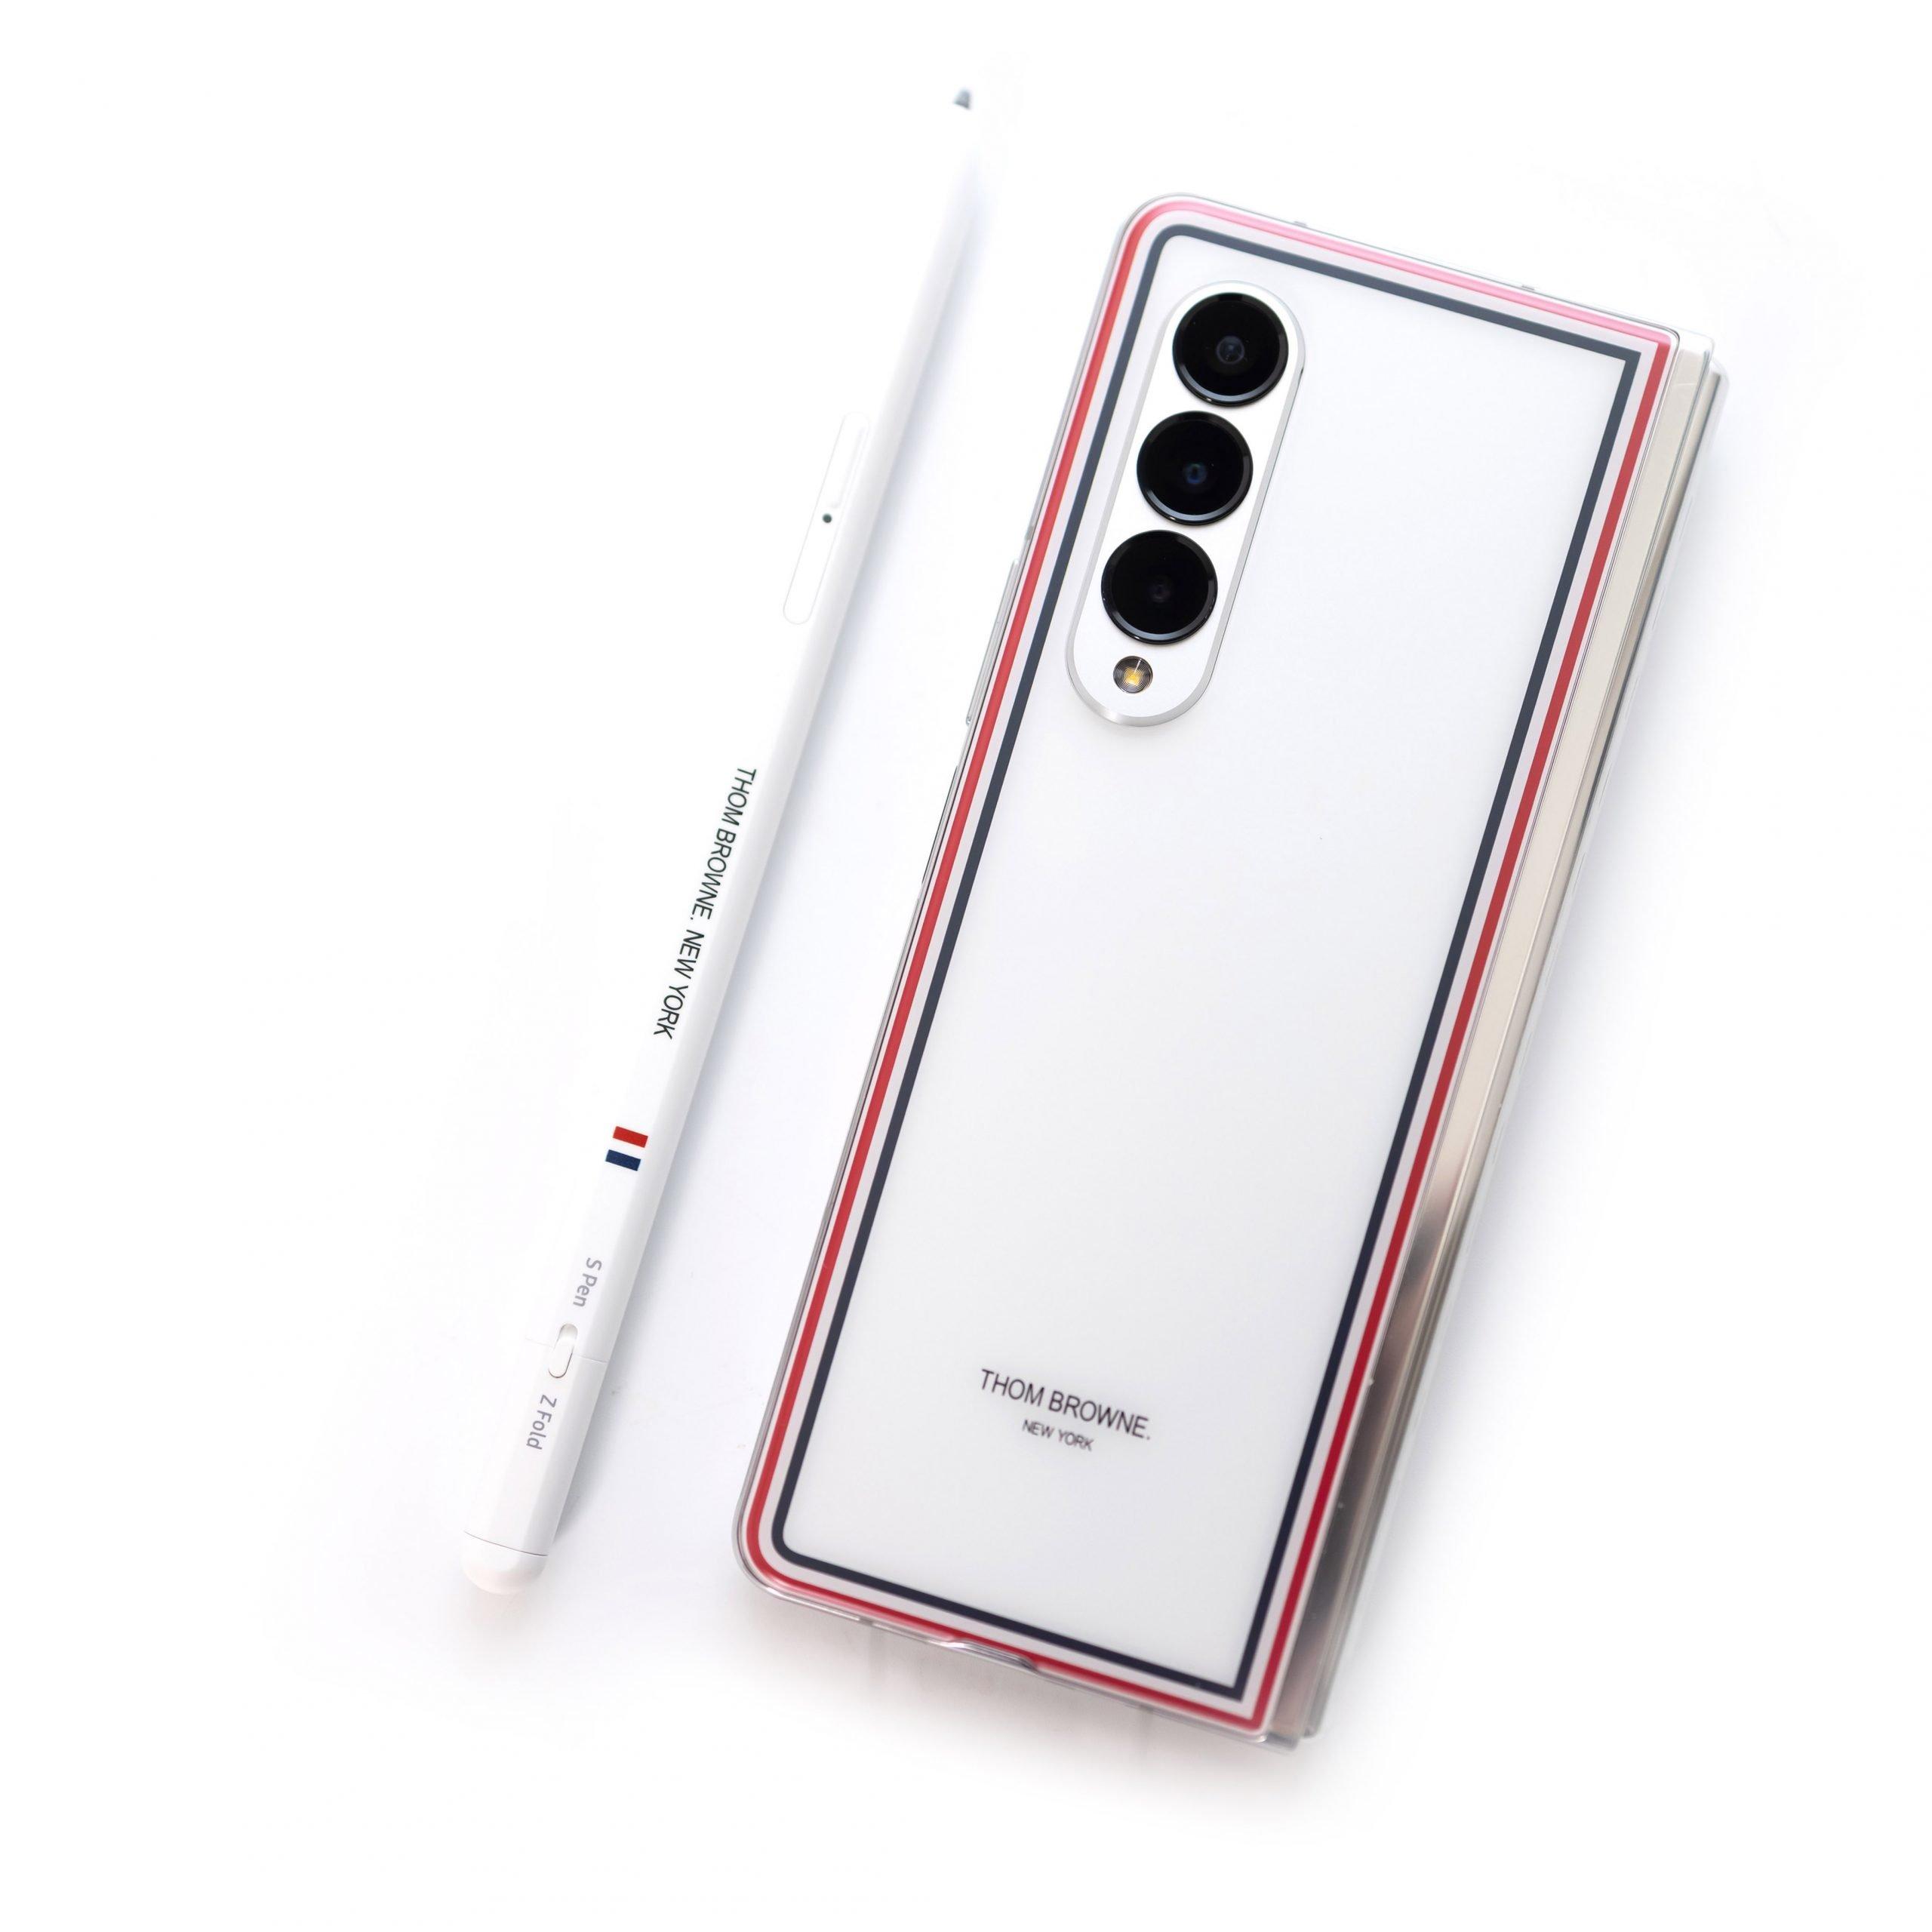 時尚旗艦!Samsung Galaxy Z Fold 3 Thom Browne (TB) 限量版開箱動手玩 @3C 達人廖阿輝